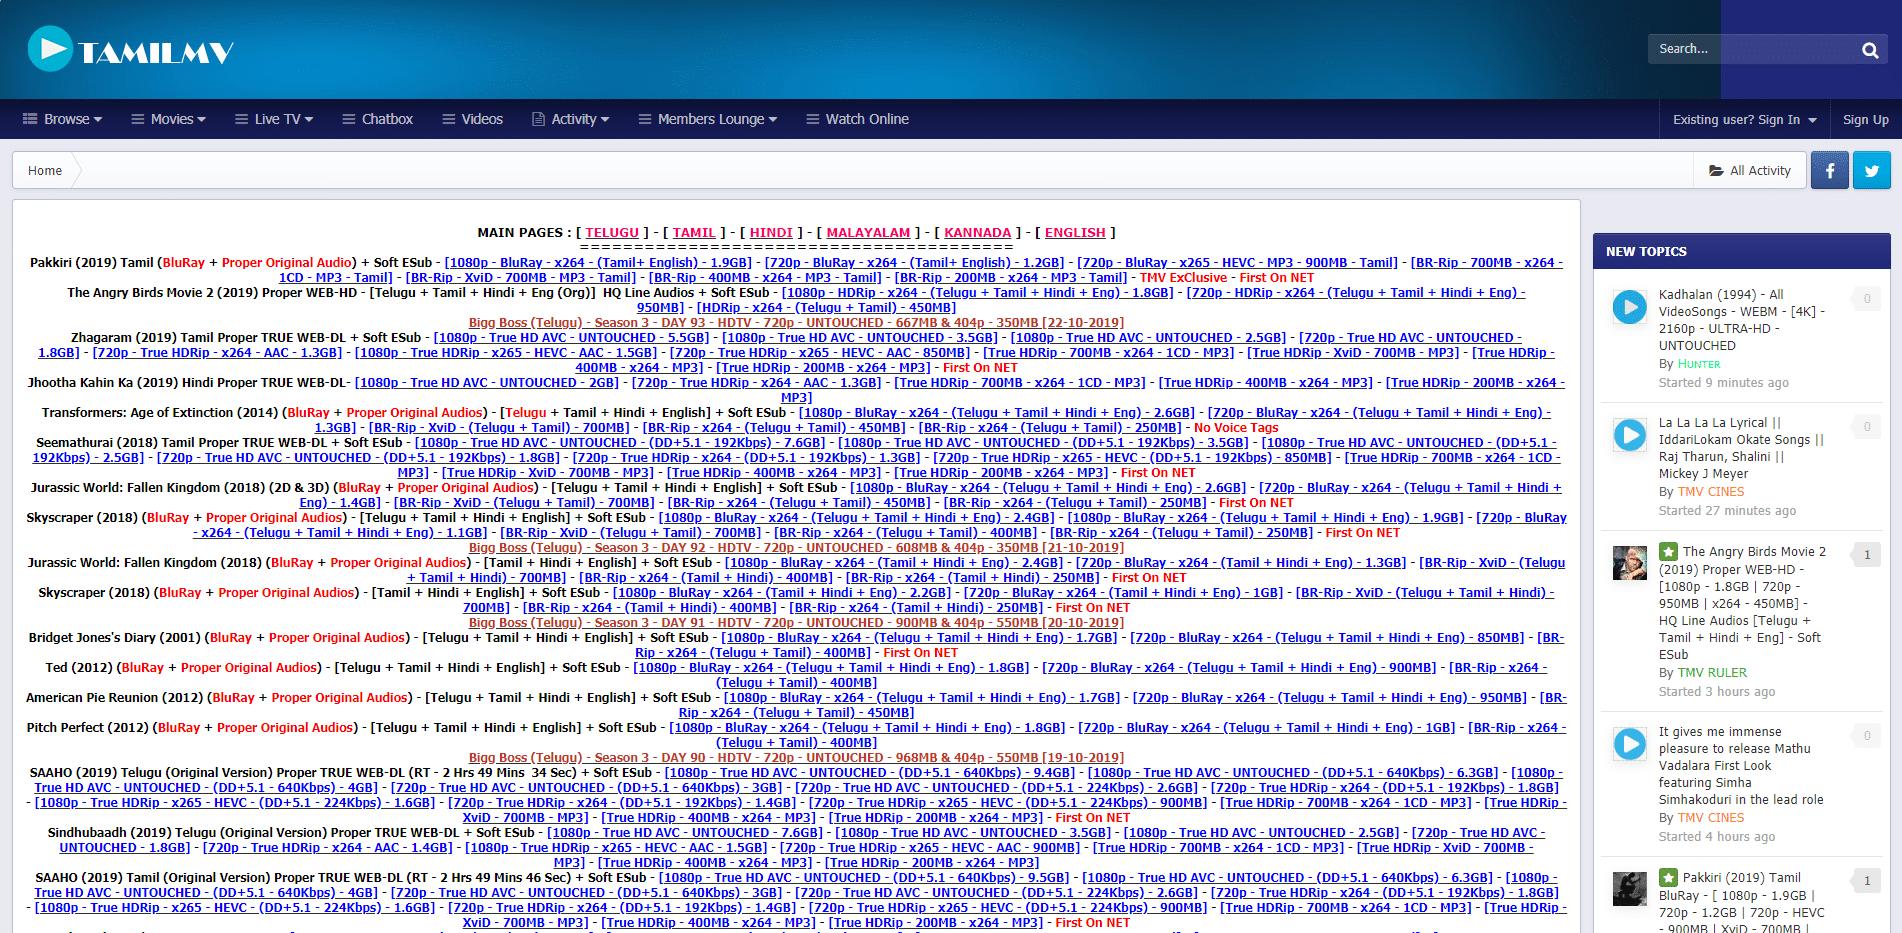 tamilmv homepage